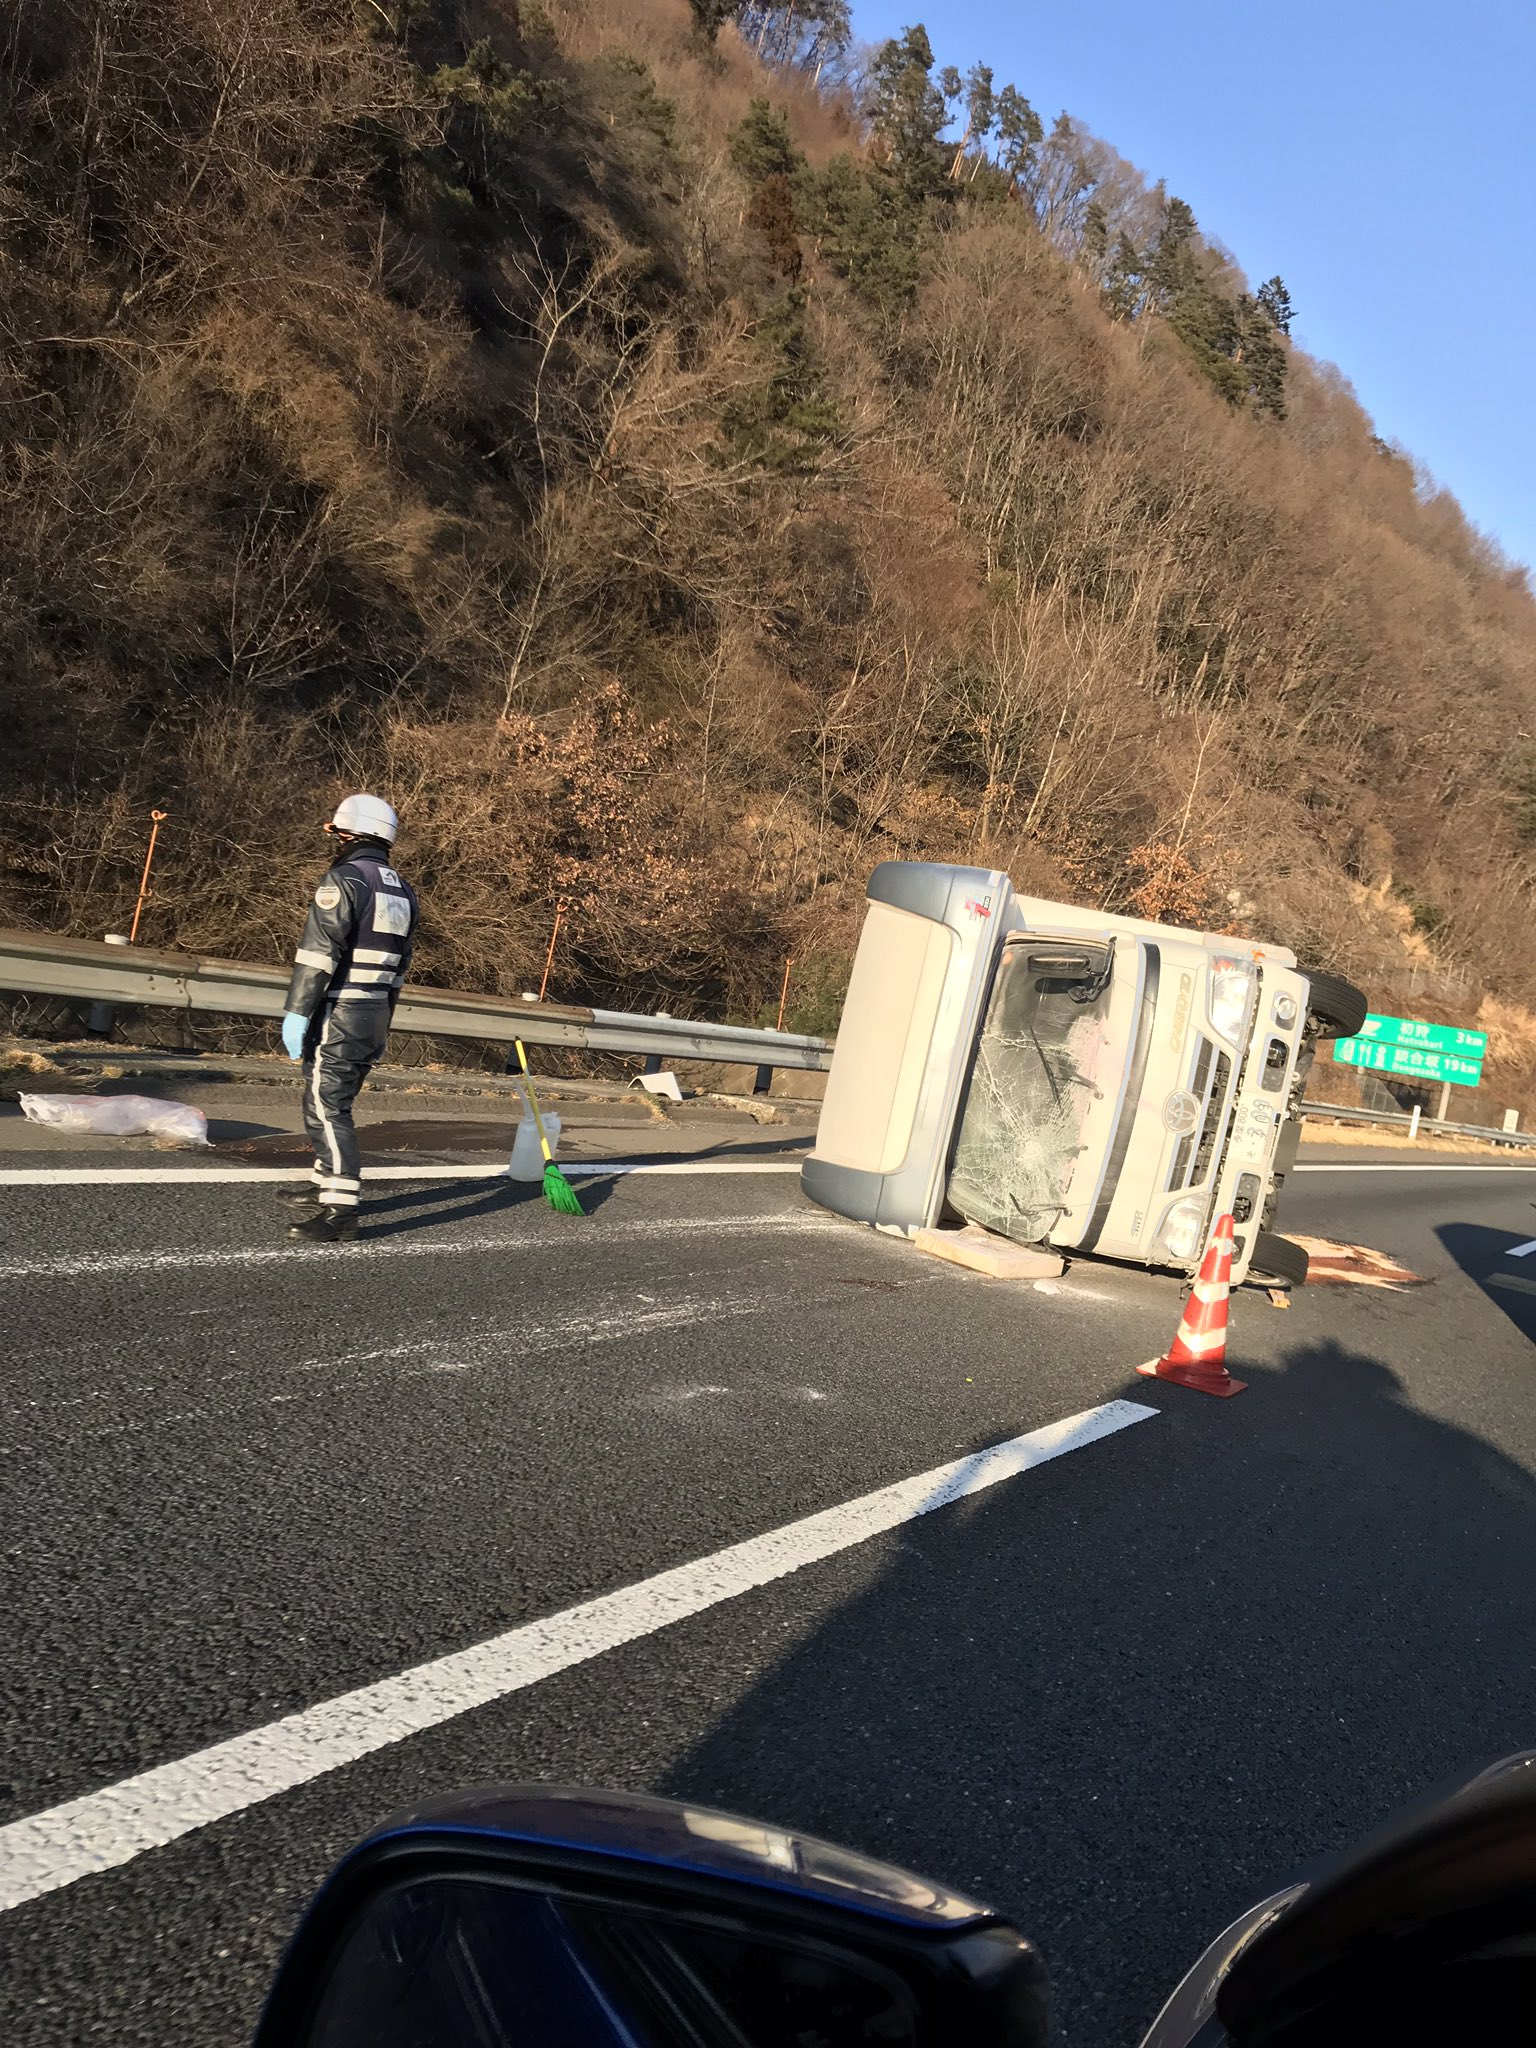 画像,中央道事故渋滞やっちまってんね。スノボ帰りっぽい。 https://t.co/rd5av5gZpb。